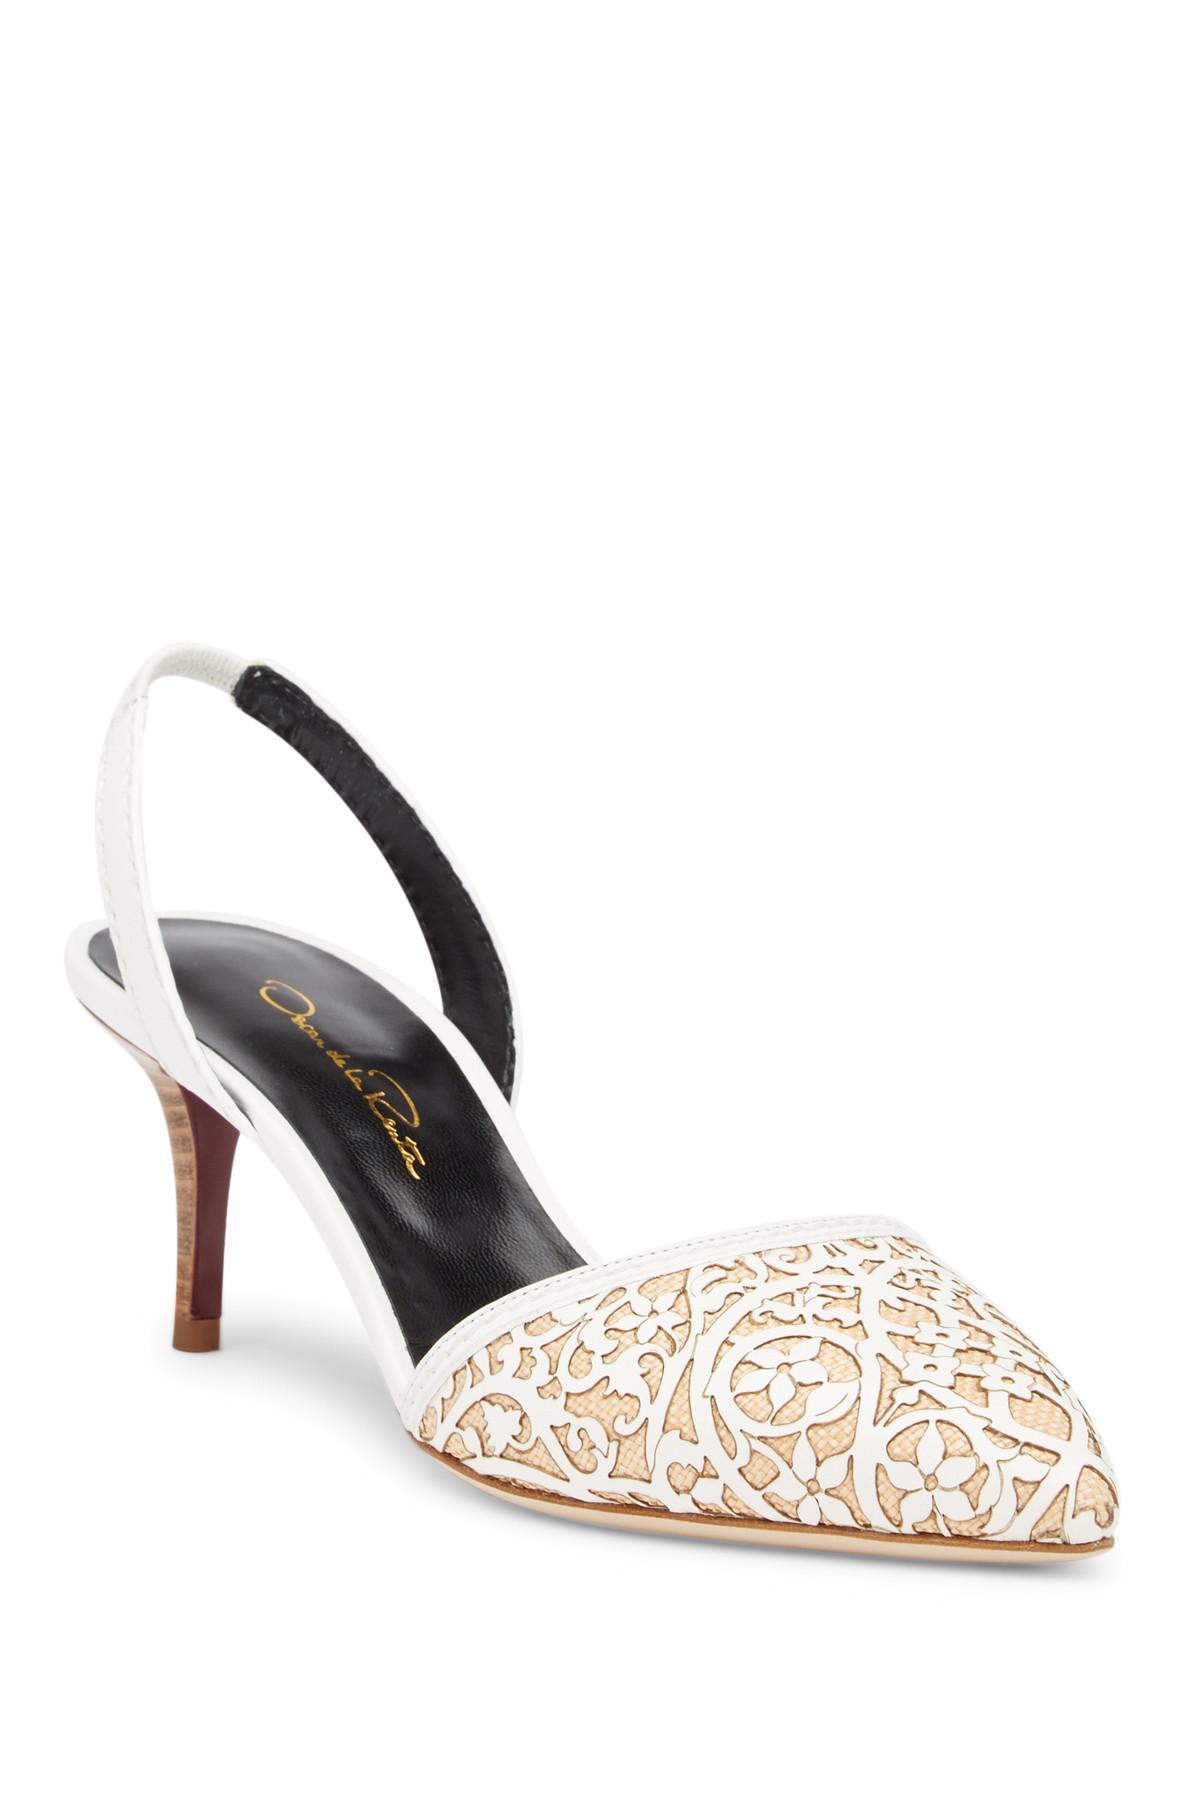 Oscar de la Renta Embossed Low-Heel Sandals finishline outlet low price fee shipping sale footlocker finishline rIdKO